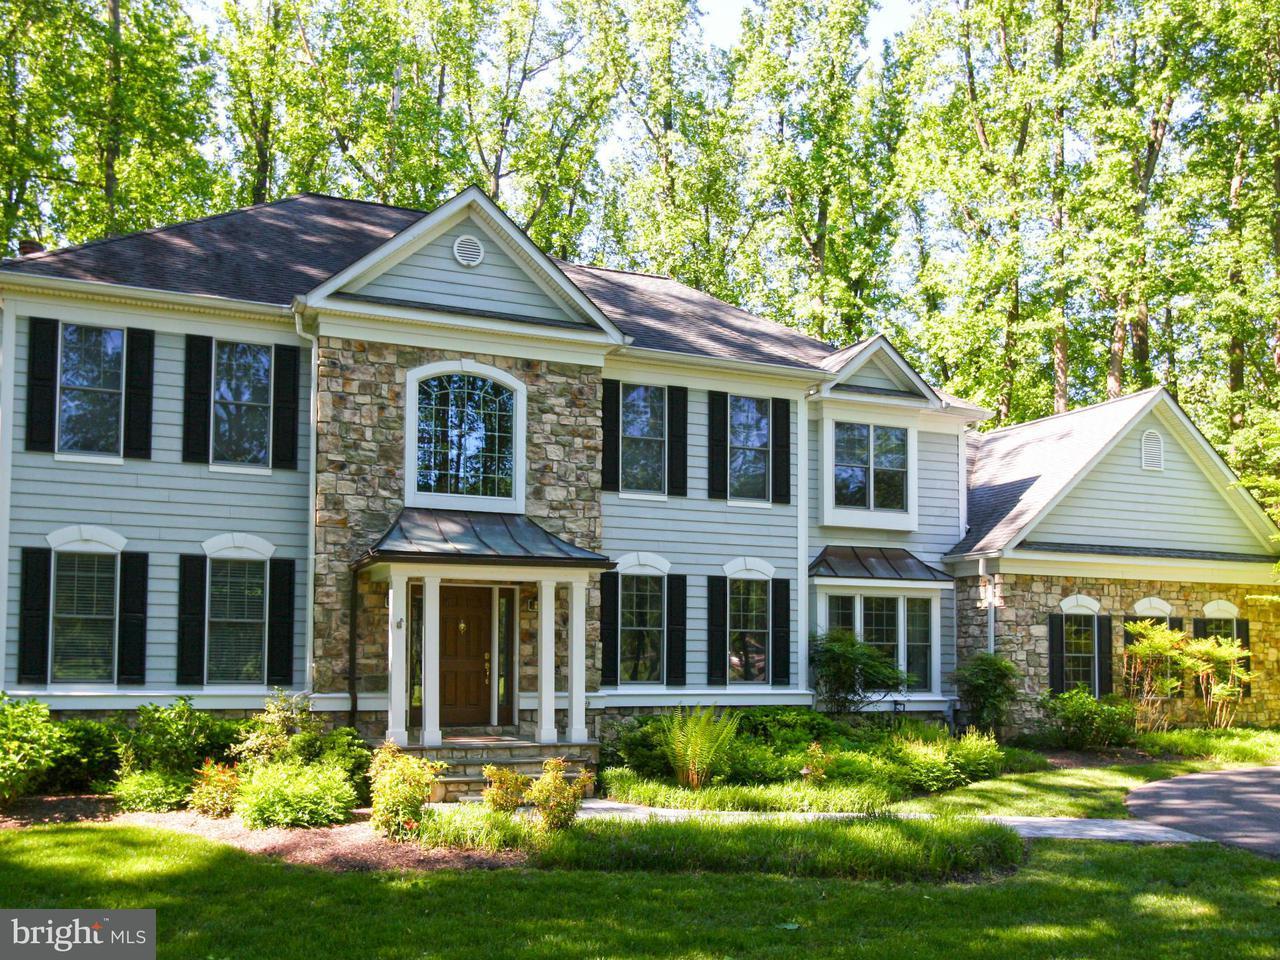 Частный односемейный дом для того Продажа на 321 KYLE Road 321 KYLE Road Crownsville, Мэриленд 21032 Соединенные Штаты